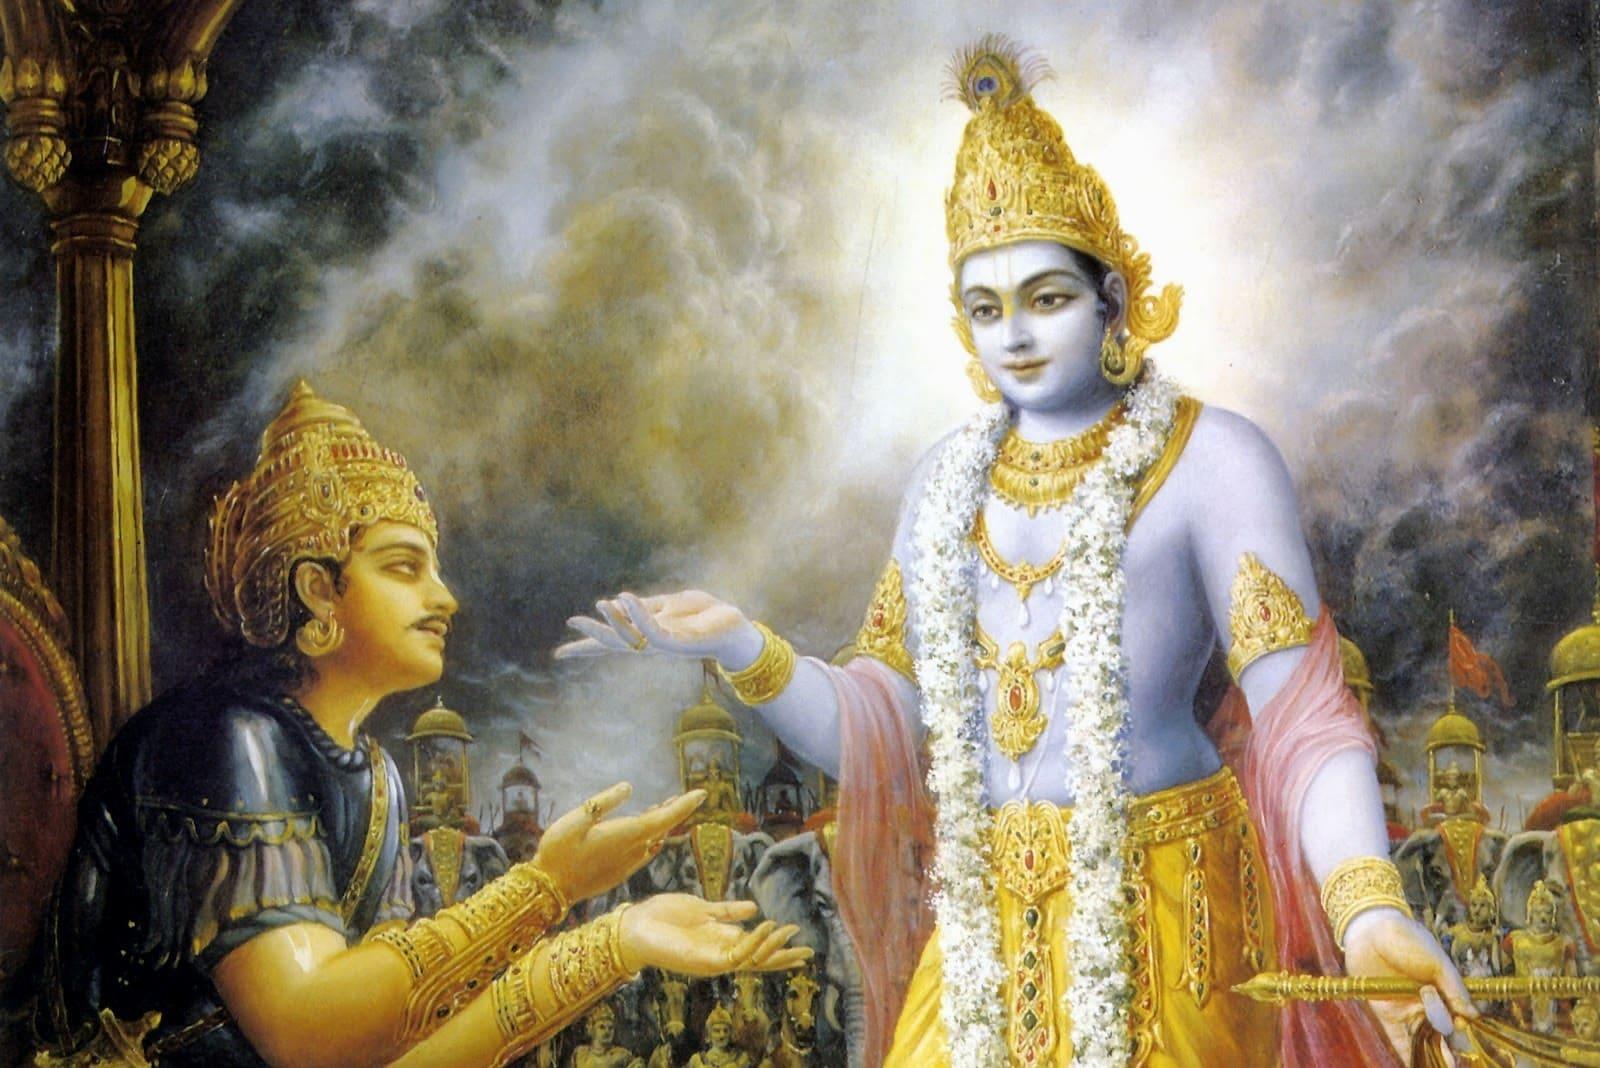 આમ તો શ્રી કૃષ્ણની અનેક રાણીઓ હતી, જેમાંથી એક જામવંતની પુત્રી જામવંતી પણ હતી. શ્રી કૃષ્ણ અને જામવંતીના લગ્ન પાછળ એક કહાની પણ છે. પુરાણો અનુસાર કિંમતી રત્ન મેળવવા માટે ભગવાન કૃષ્ણ અને જામવંત વચ્ચે 28 દિવસ યુદ્ધ ચાલ્યું હતું. યુદ્ધ દરમિયાન જ્યારે જામવંતે કૃષ્ણના ખરા સ્વરૂપને ઓળખી લીધુ, ત્યારે તેણે મણિ સહિત તેમની પુત્રી જામવંતીનો હાથ પણ સોંપી દીધો.